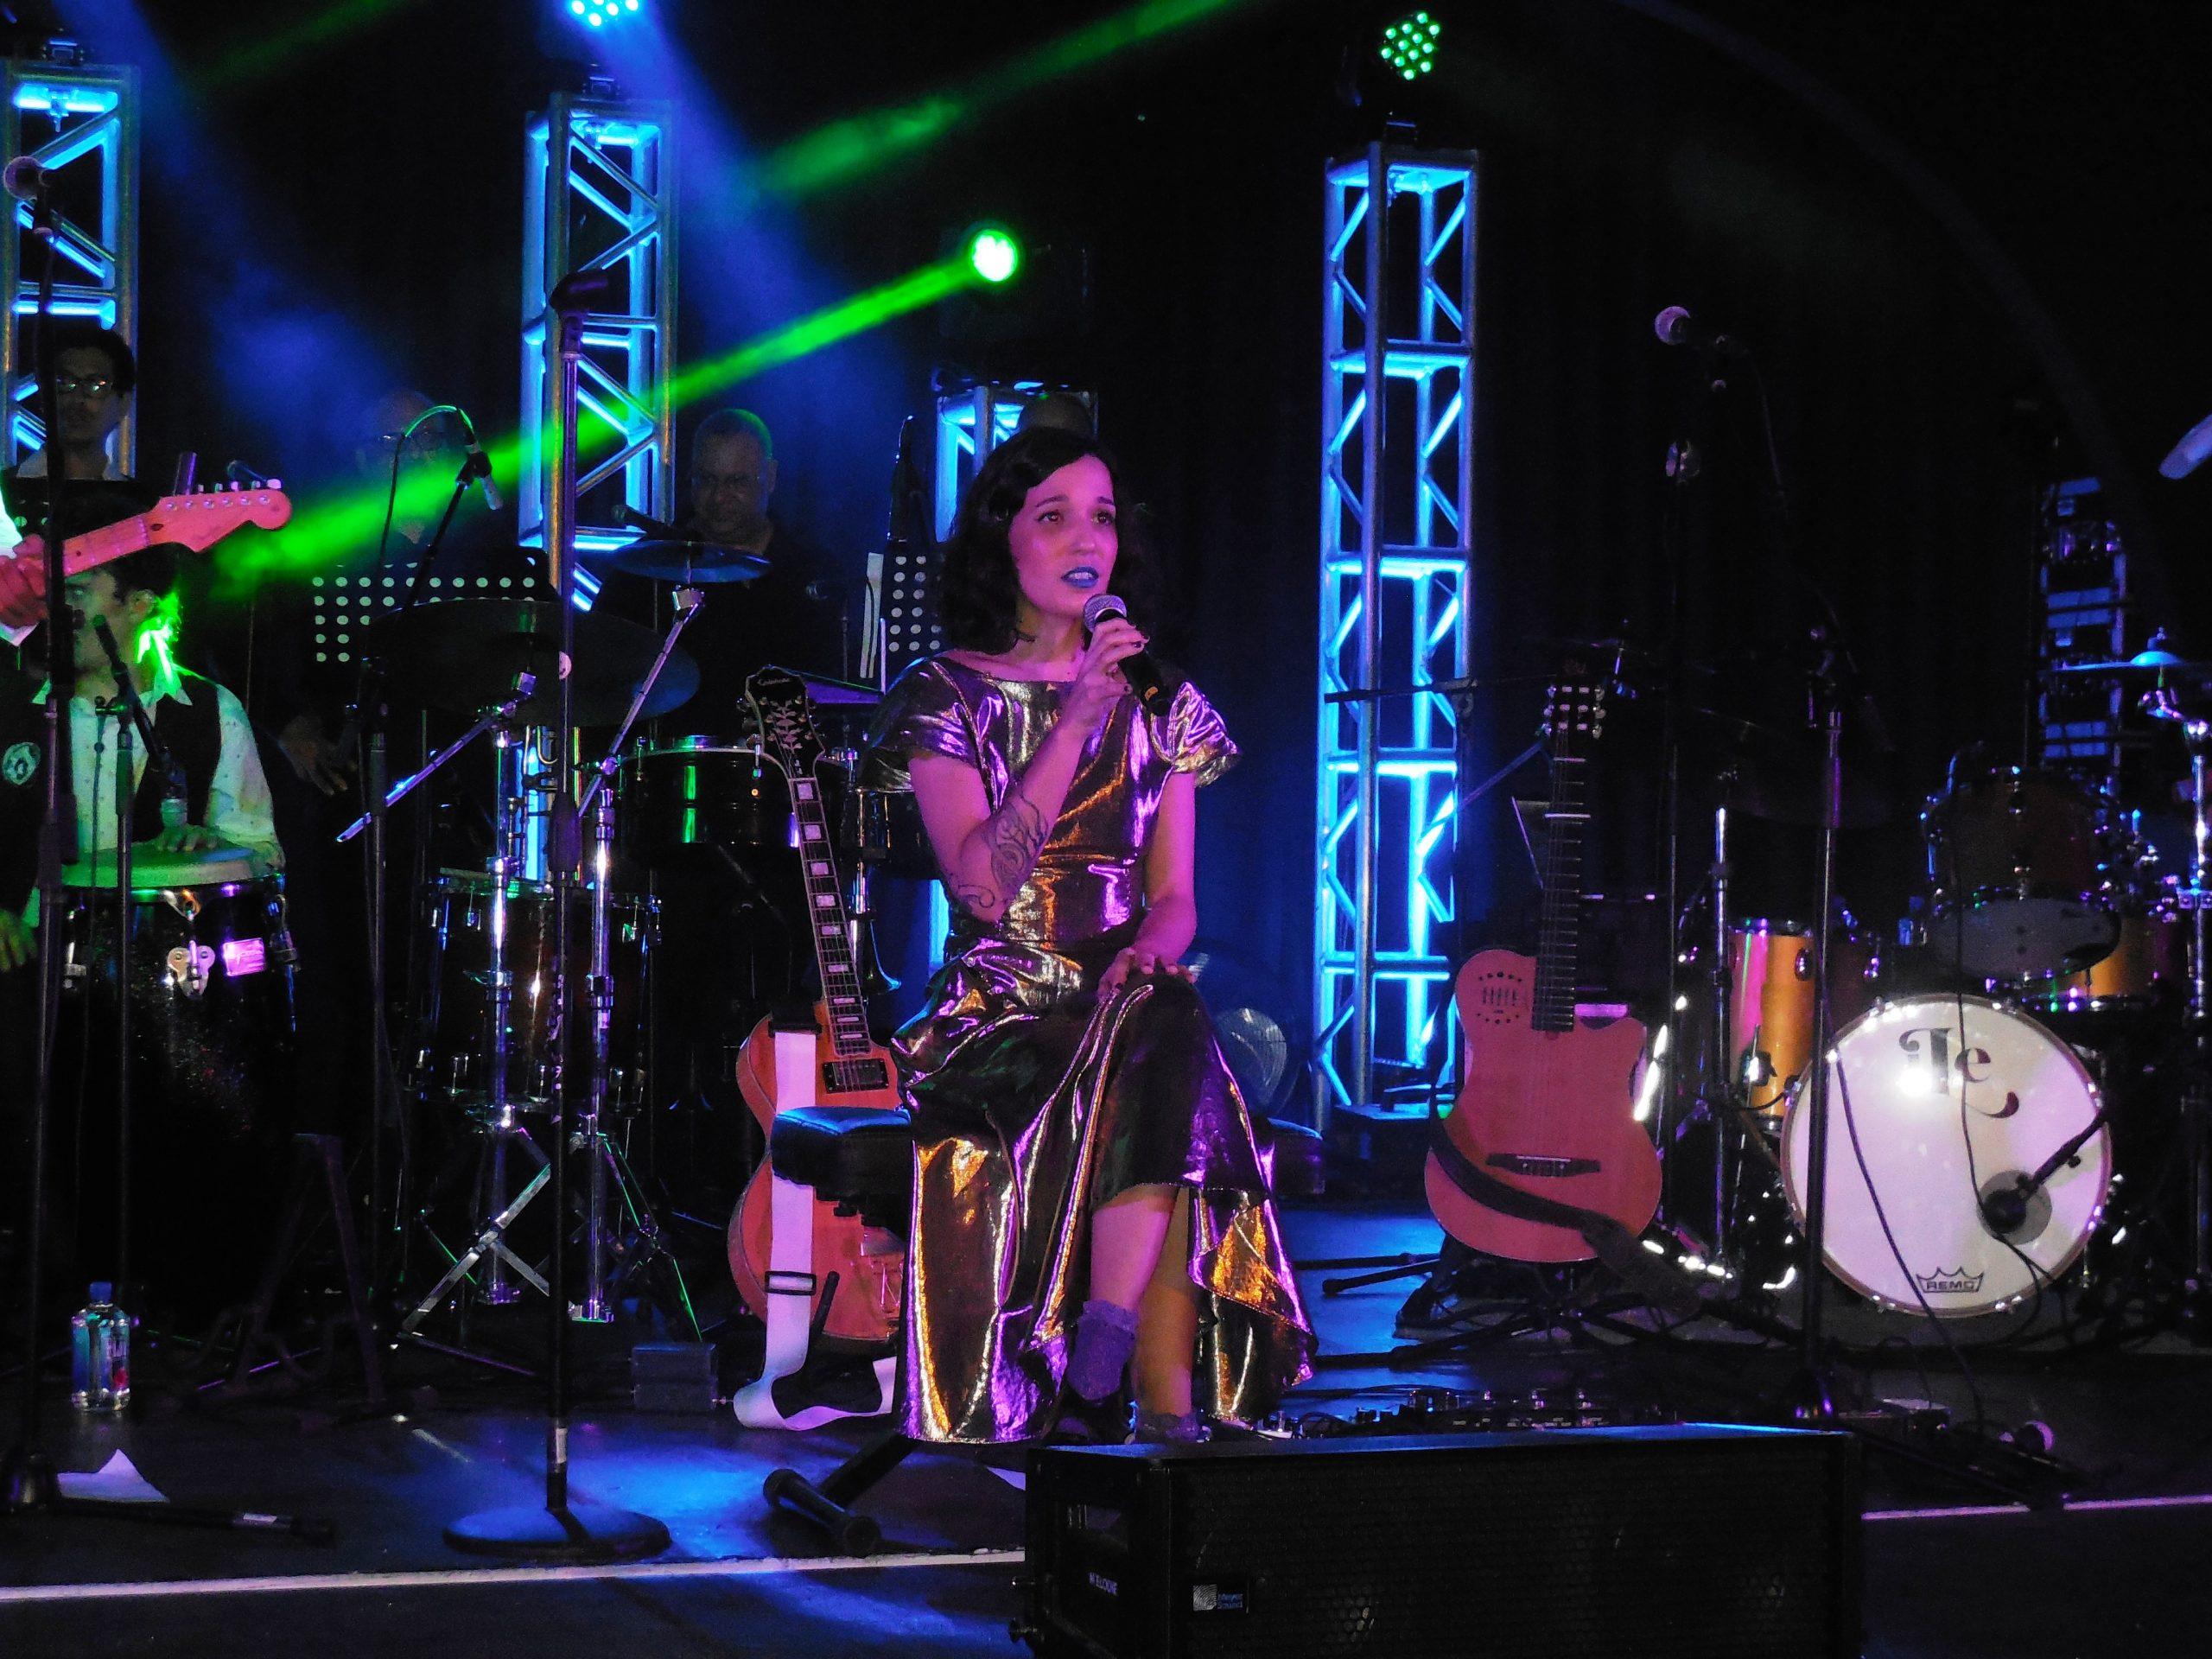 La cantautora será acompañada por su banda de músicos en vivo. (Foto Gabriela Ortiz para Fundación Nacional para la Cultura Popular)